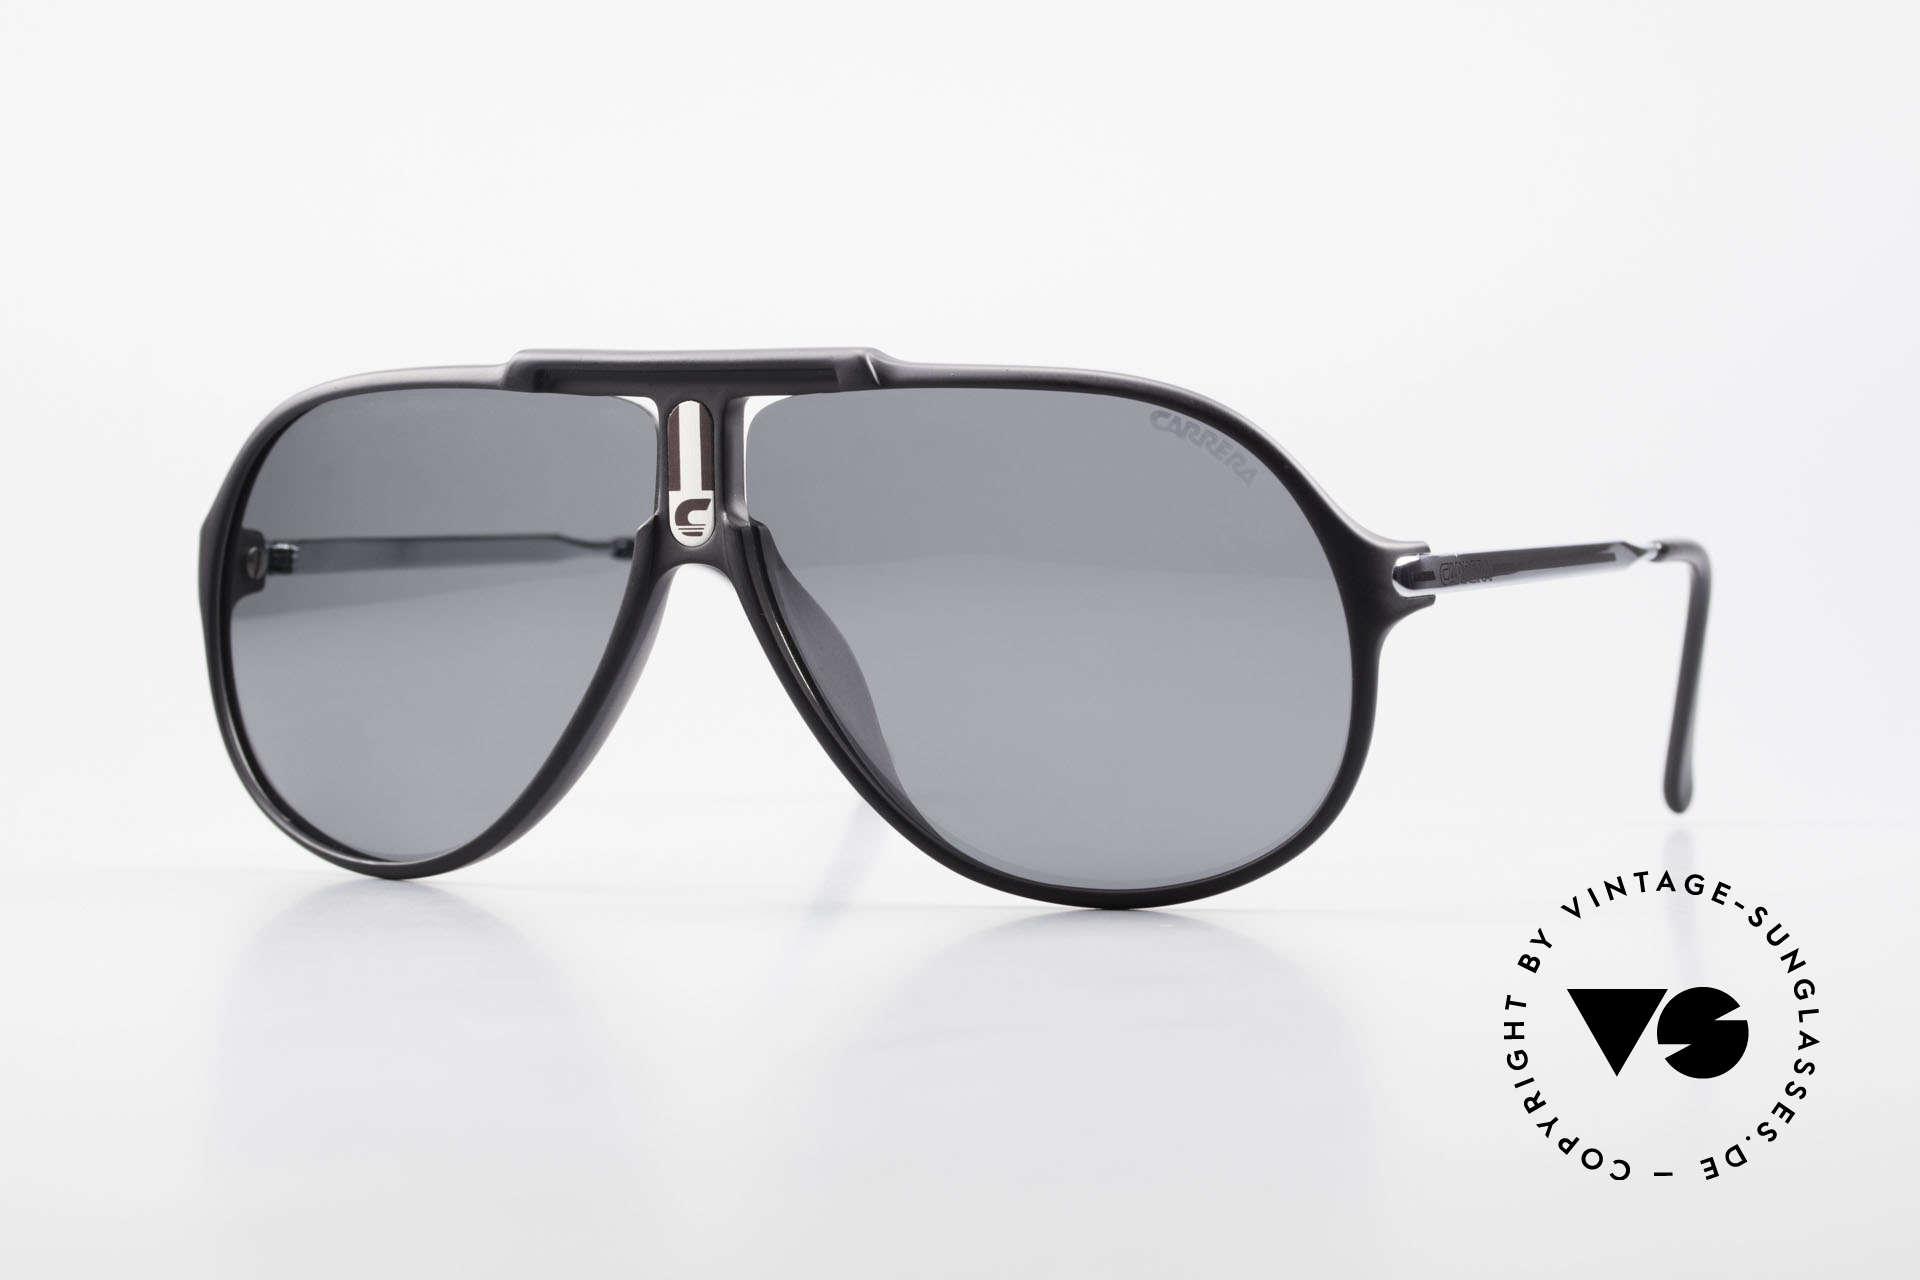 Carrera 5590 80er 90er Brille Polarisierend, alte Carrera Sonnenbrille der Kollektion von 1989/90, Passend für Herren